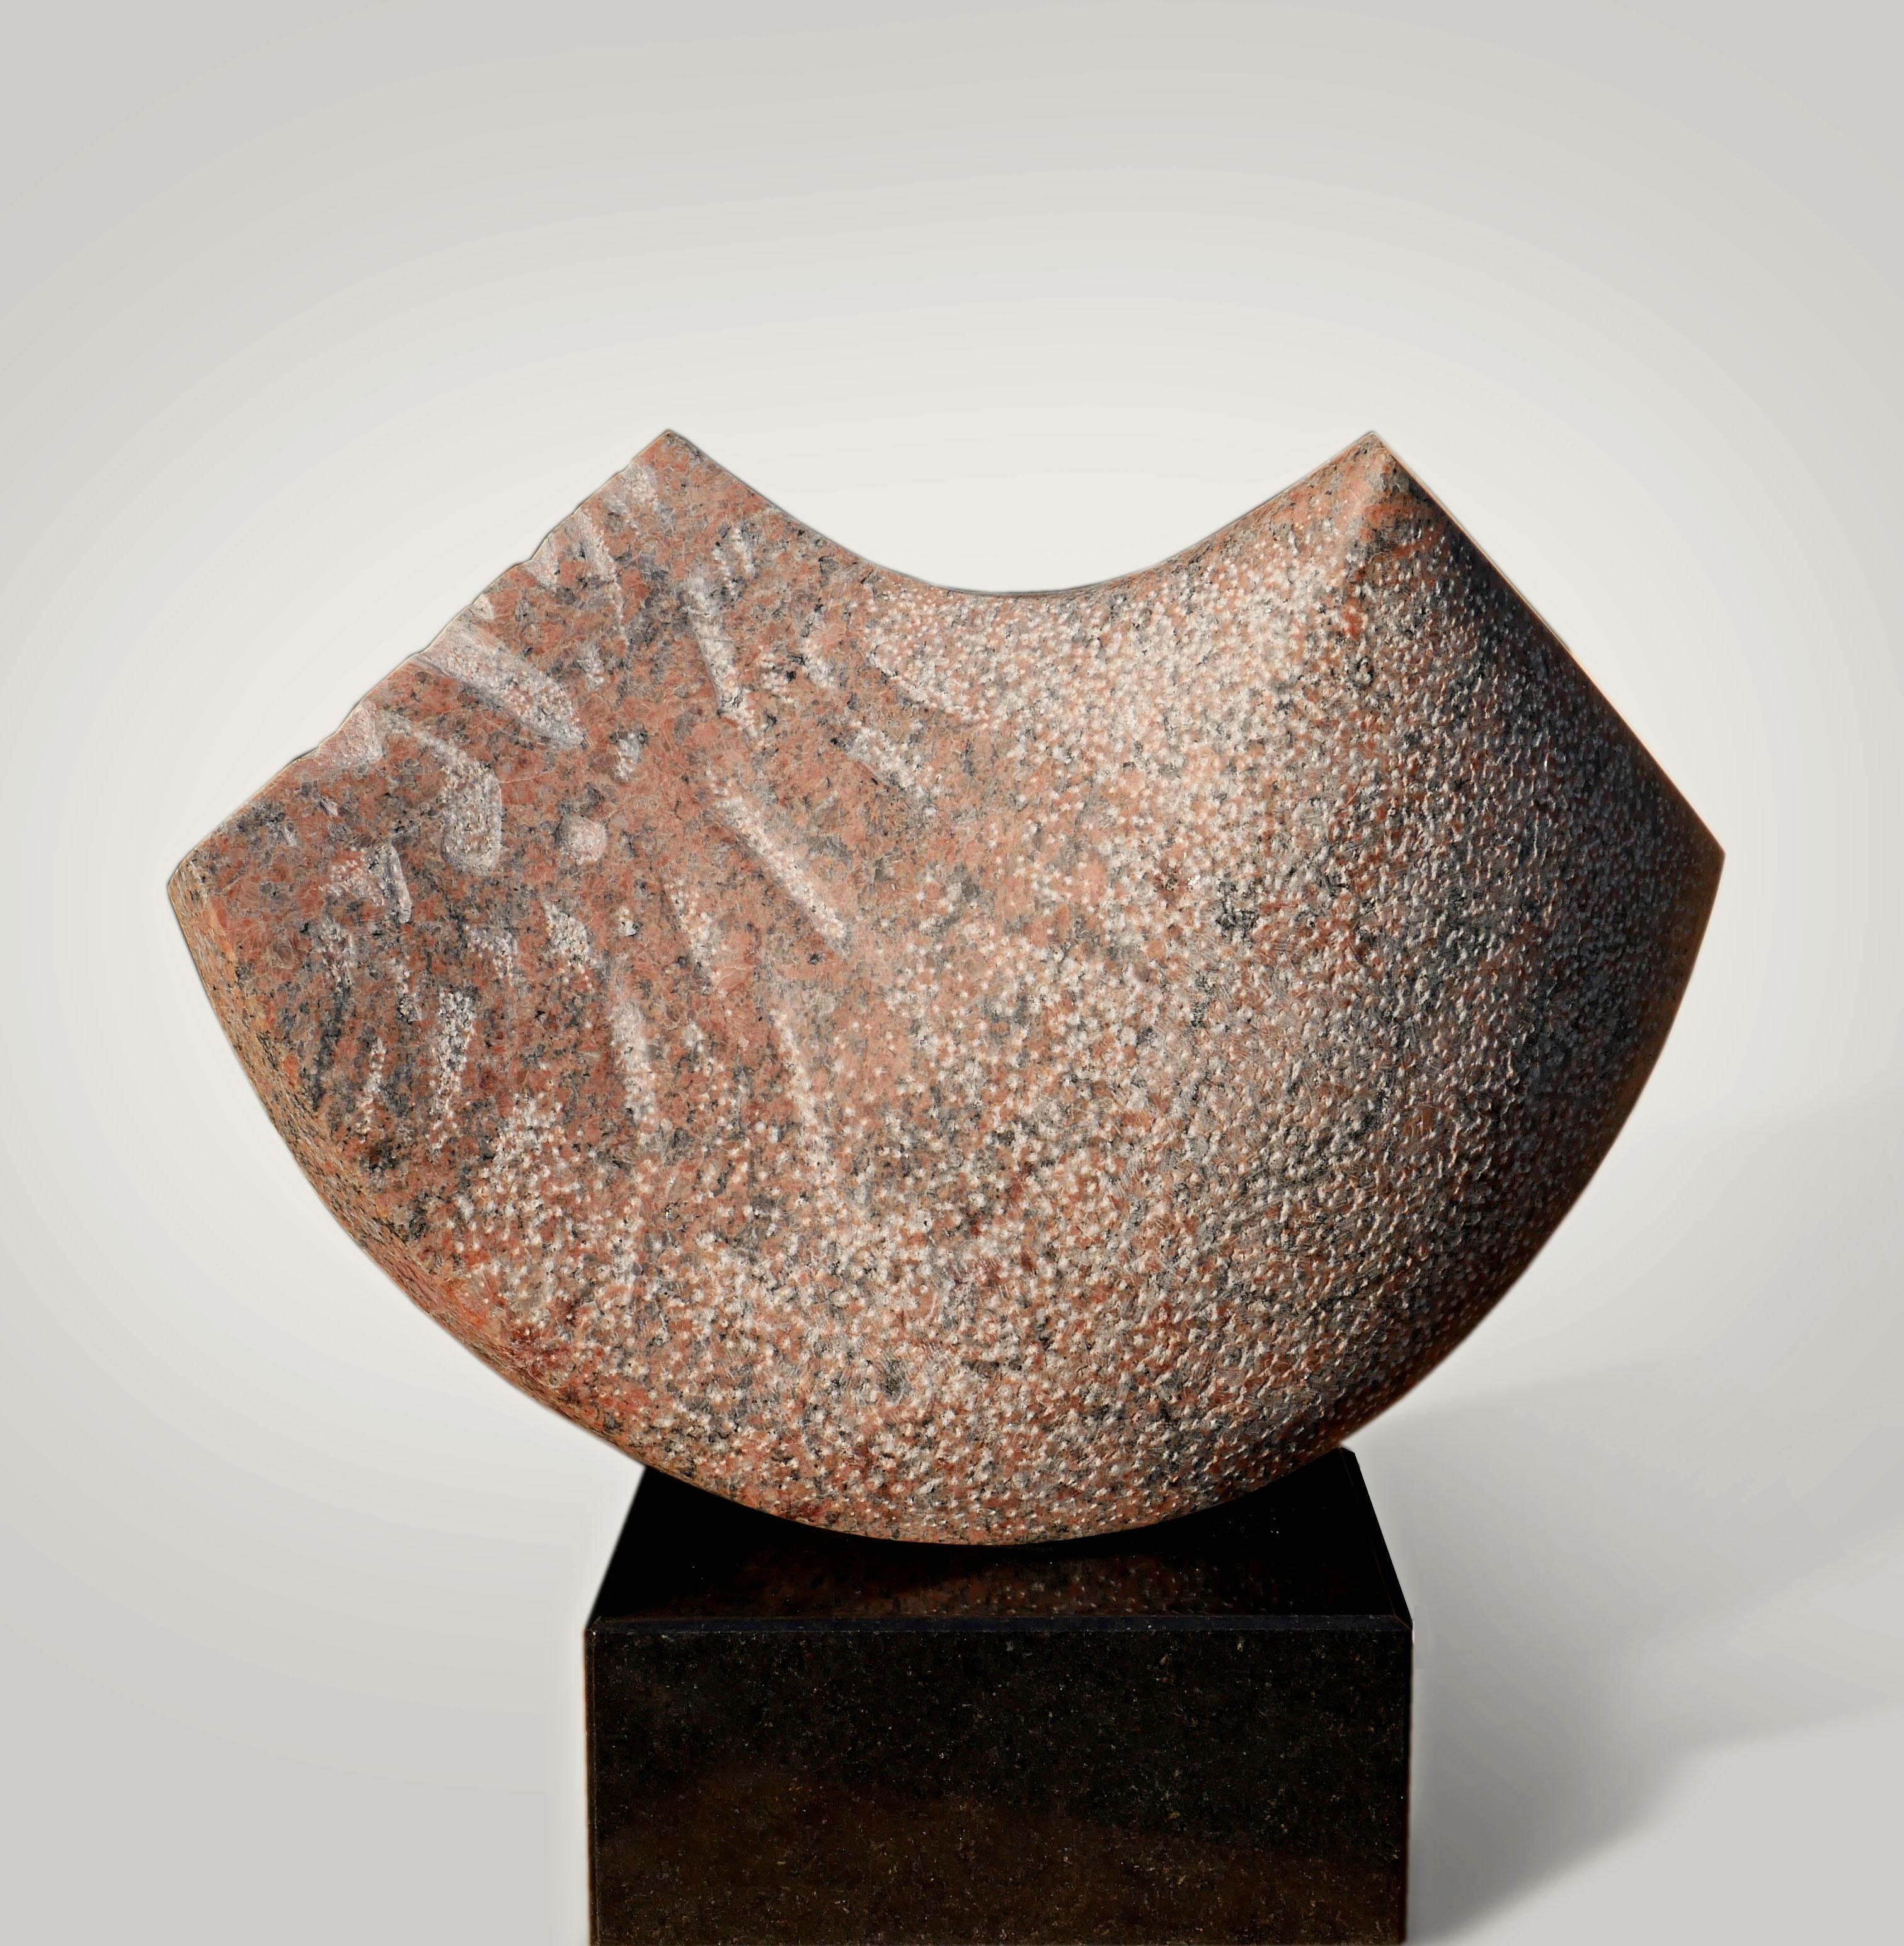 De Droom, graniet 28x31x12 cm, verkocht